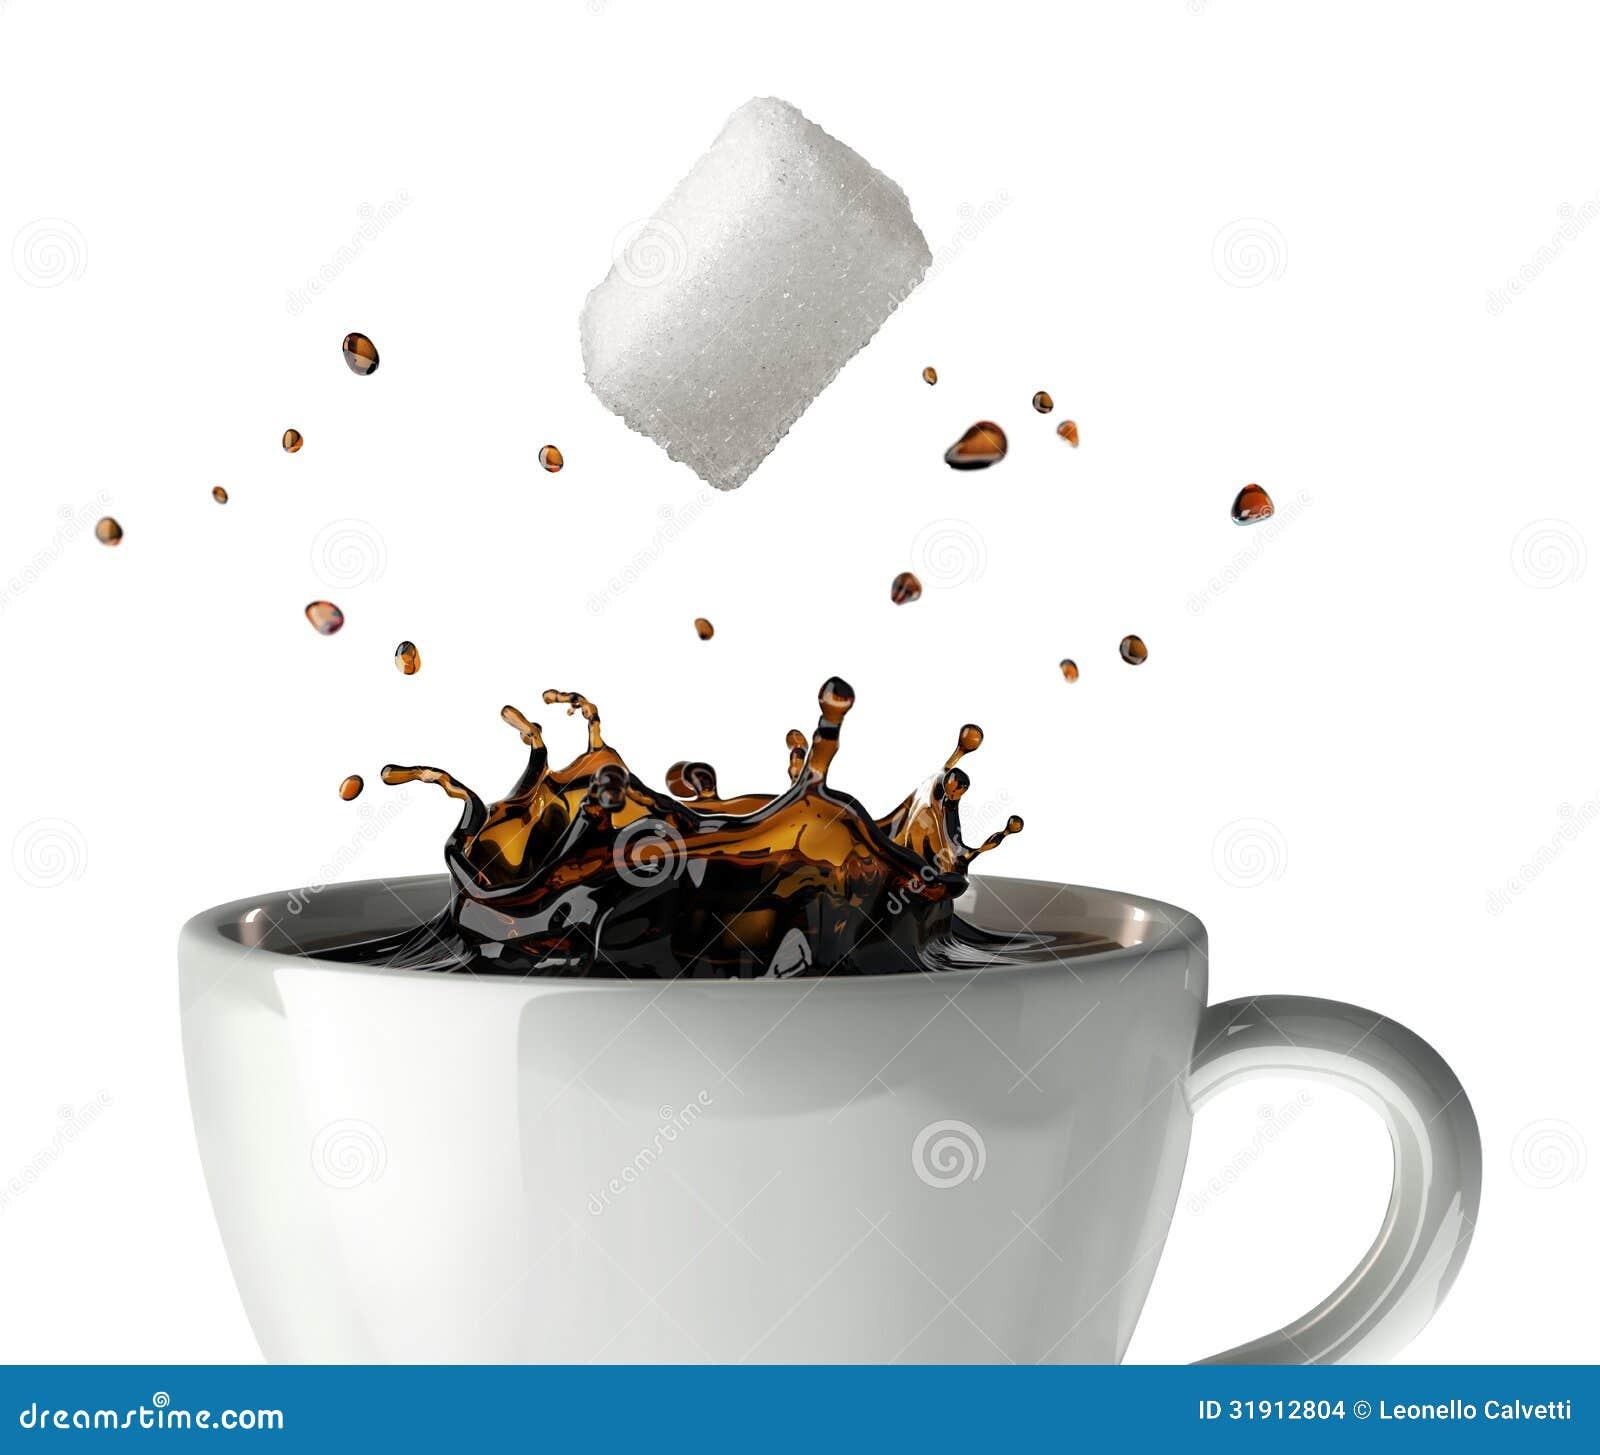 Κύβος ζάχαρης που περιέρχεται και που καταβρέχει σε ένα φλυτζάνι του μαύρου καφέ. Άποψη κινηματογραφήσεων σε πρώτο πλάνο.